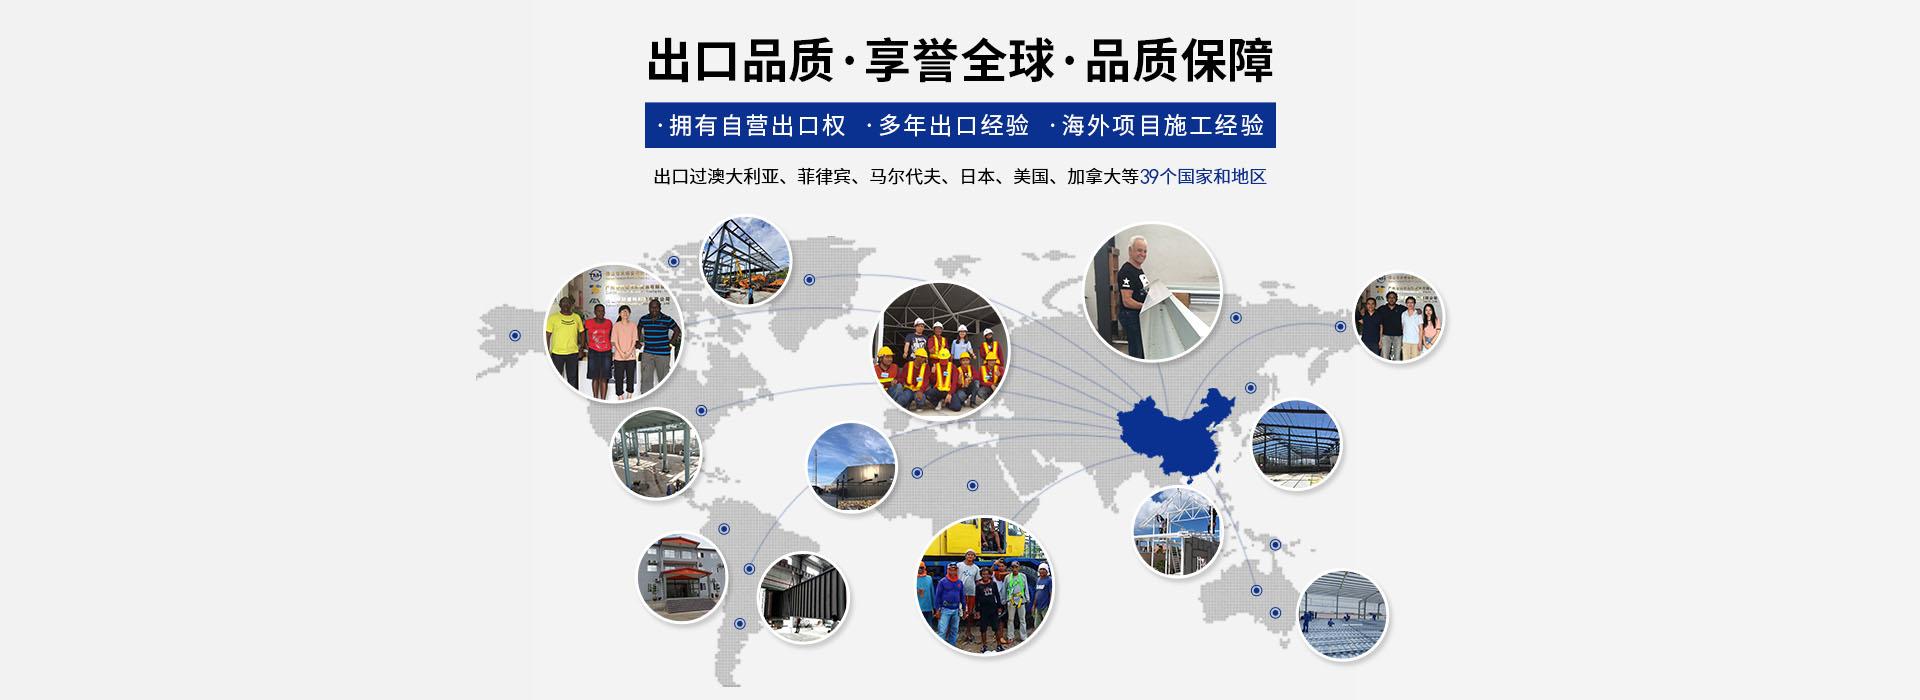 天谱安-出口品质,享誉全球,品质保障